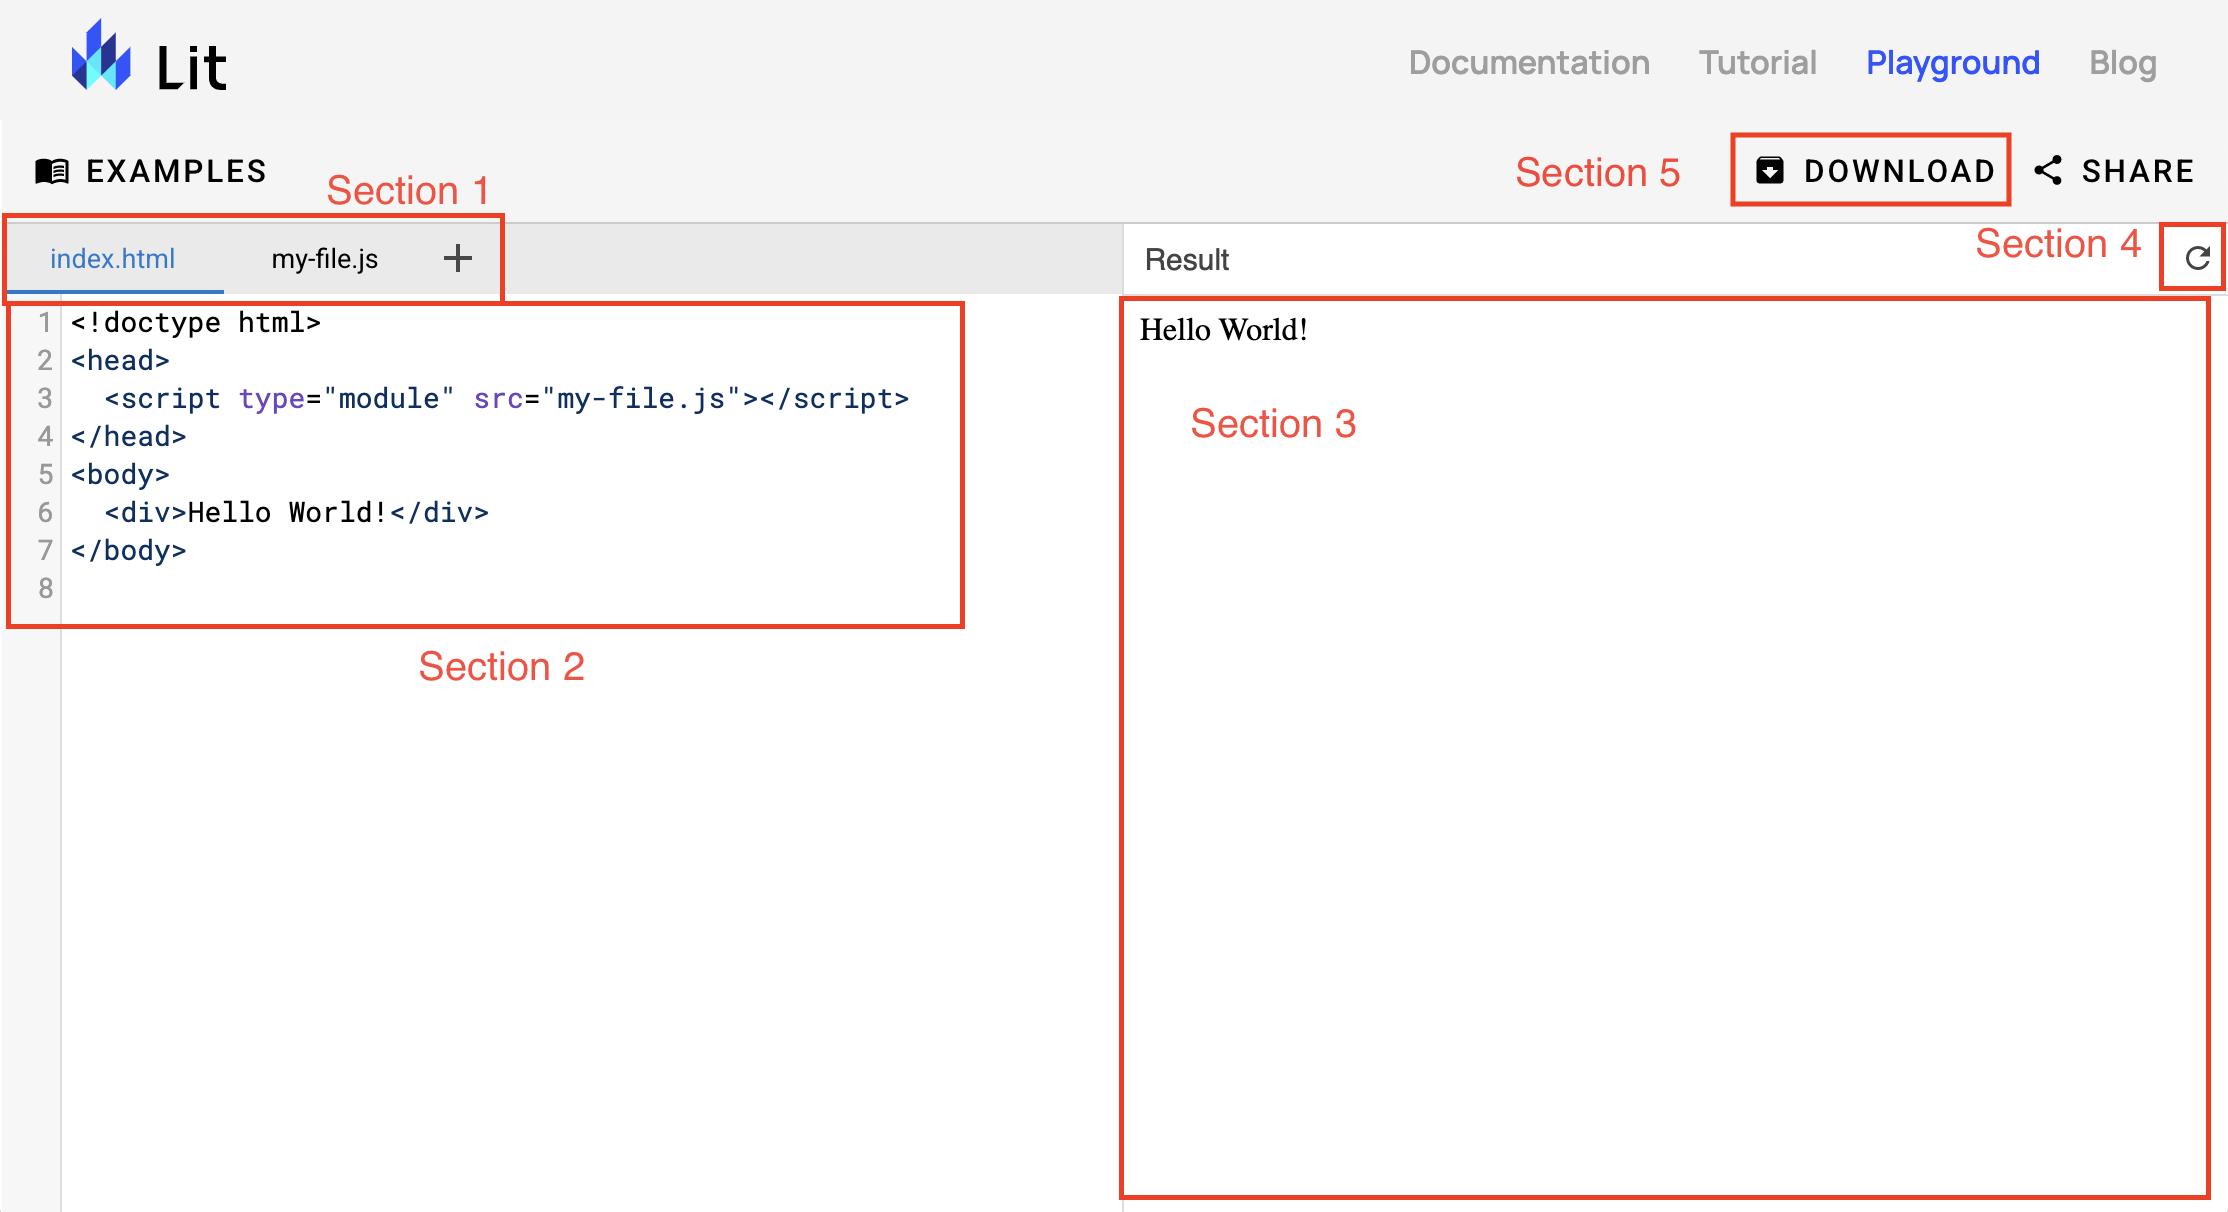 """A barra do seletor de arquivos está marcada como """"Section 1"""", a seção de edição de código como """"Section 2"""", a visualização da saída como """"Section 3"""" e o botão de recarregamento da visualização como """"Section 4""""."""